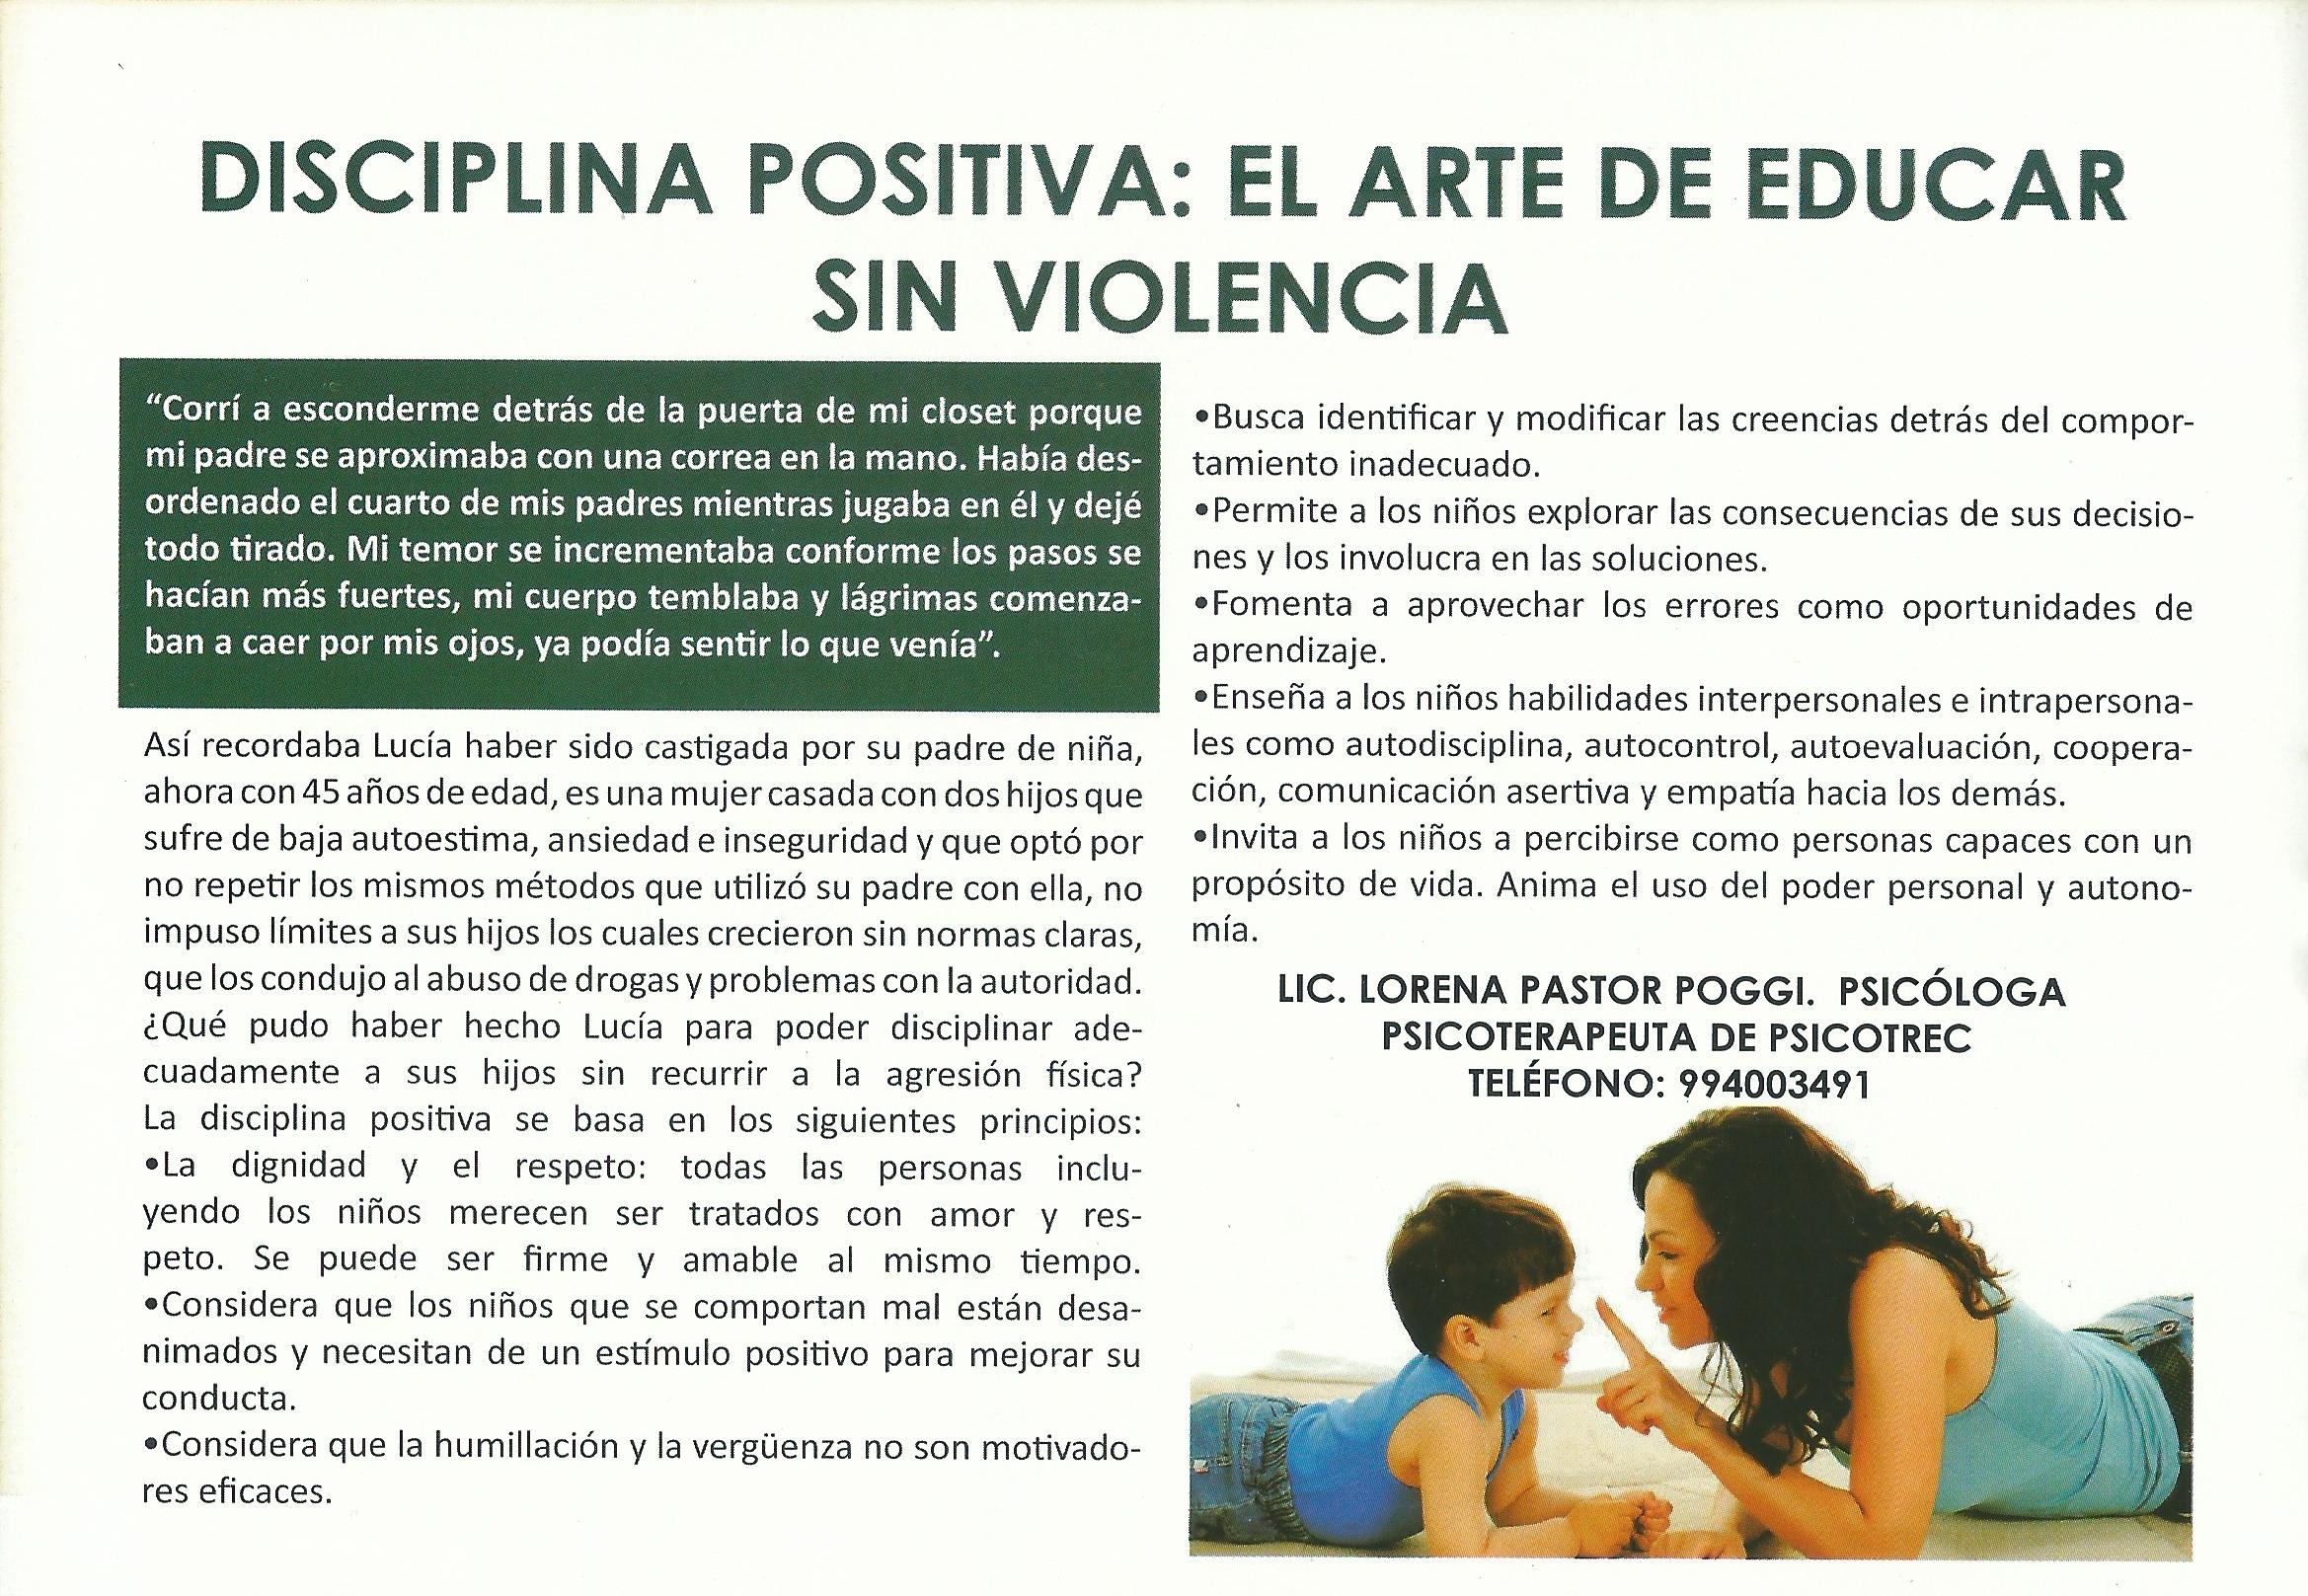 educar sin violencia.jpeg